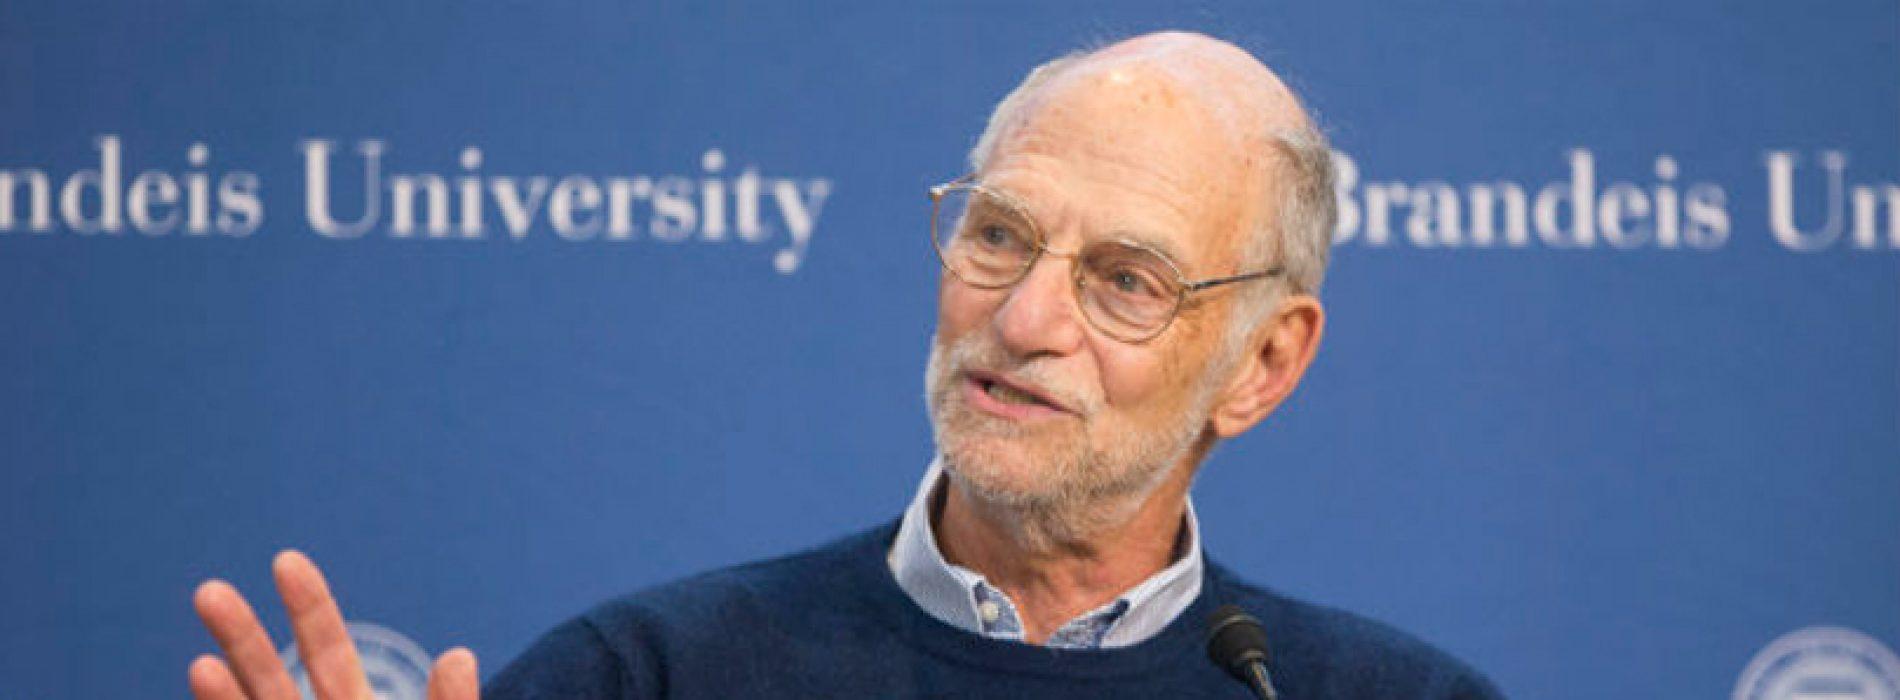 Científico ganador del Nobel de Medicina vendrá a Chile en noviembre